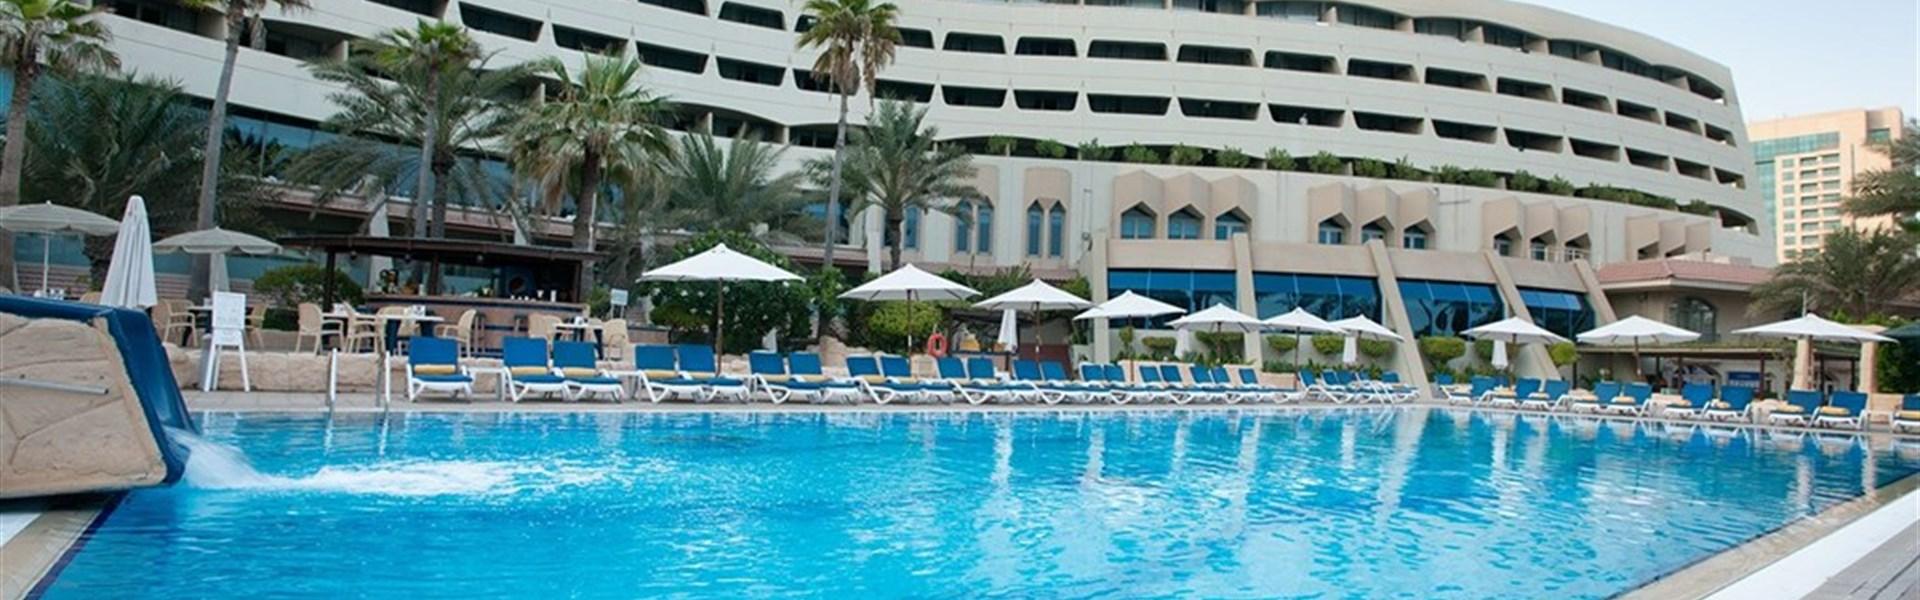 Occidental Sharjah Grand - pohled na hotel s bazénem